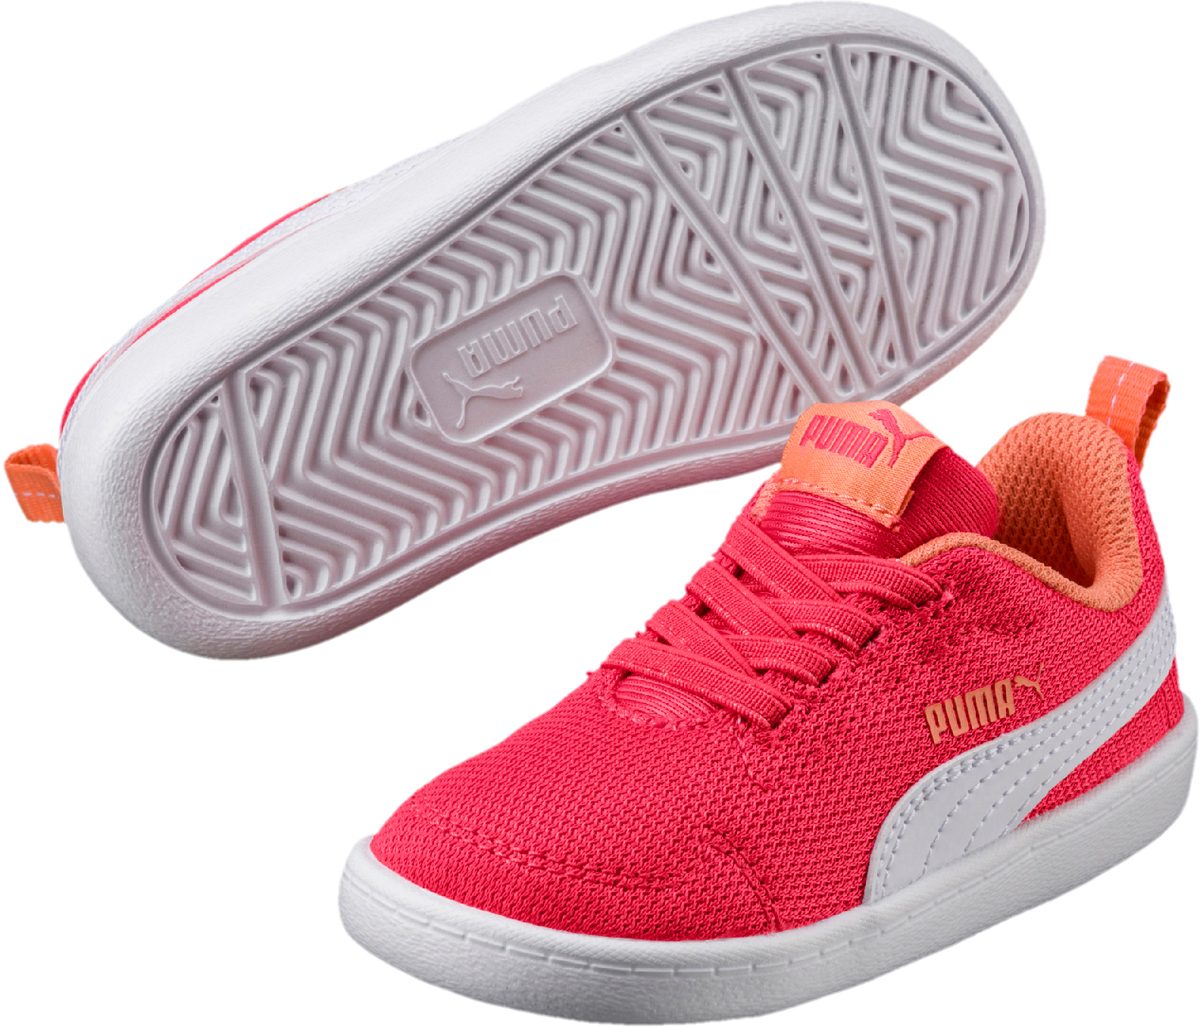 Кеды для девочки Puma Courtflex Mesh PS, цвет: розовый. 36427711. Размер 12 (30)36427711Новая модель Courtflex для детей, которая пришла в коллекцию уличной обуви из мира тенниса. Верх из плотного сетчатого материала, эластичные шнурки и петля на заднике для простоты обувания дополнены мягкой и упругой подошвой из ЭВА. Прекрасный вариант детской обуви на каждый день!